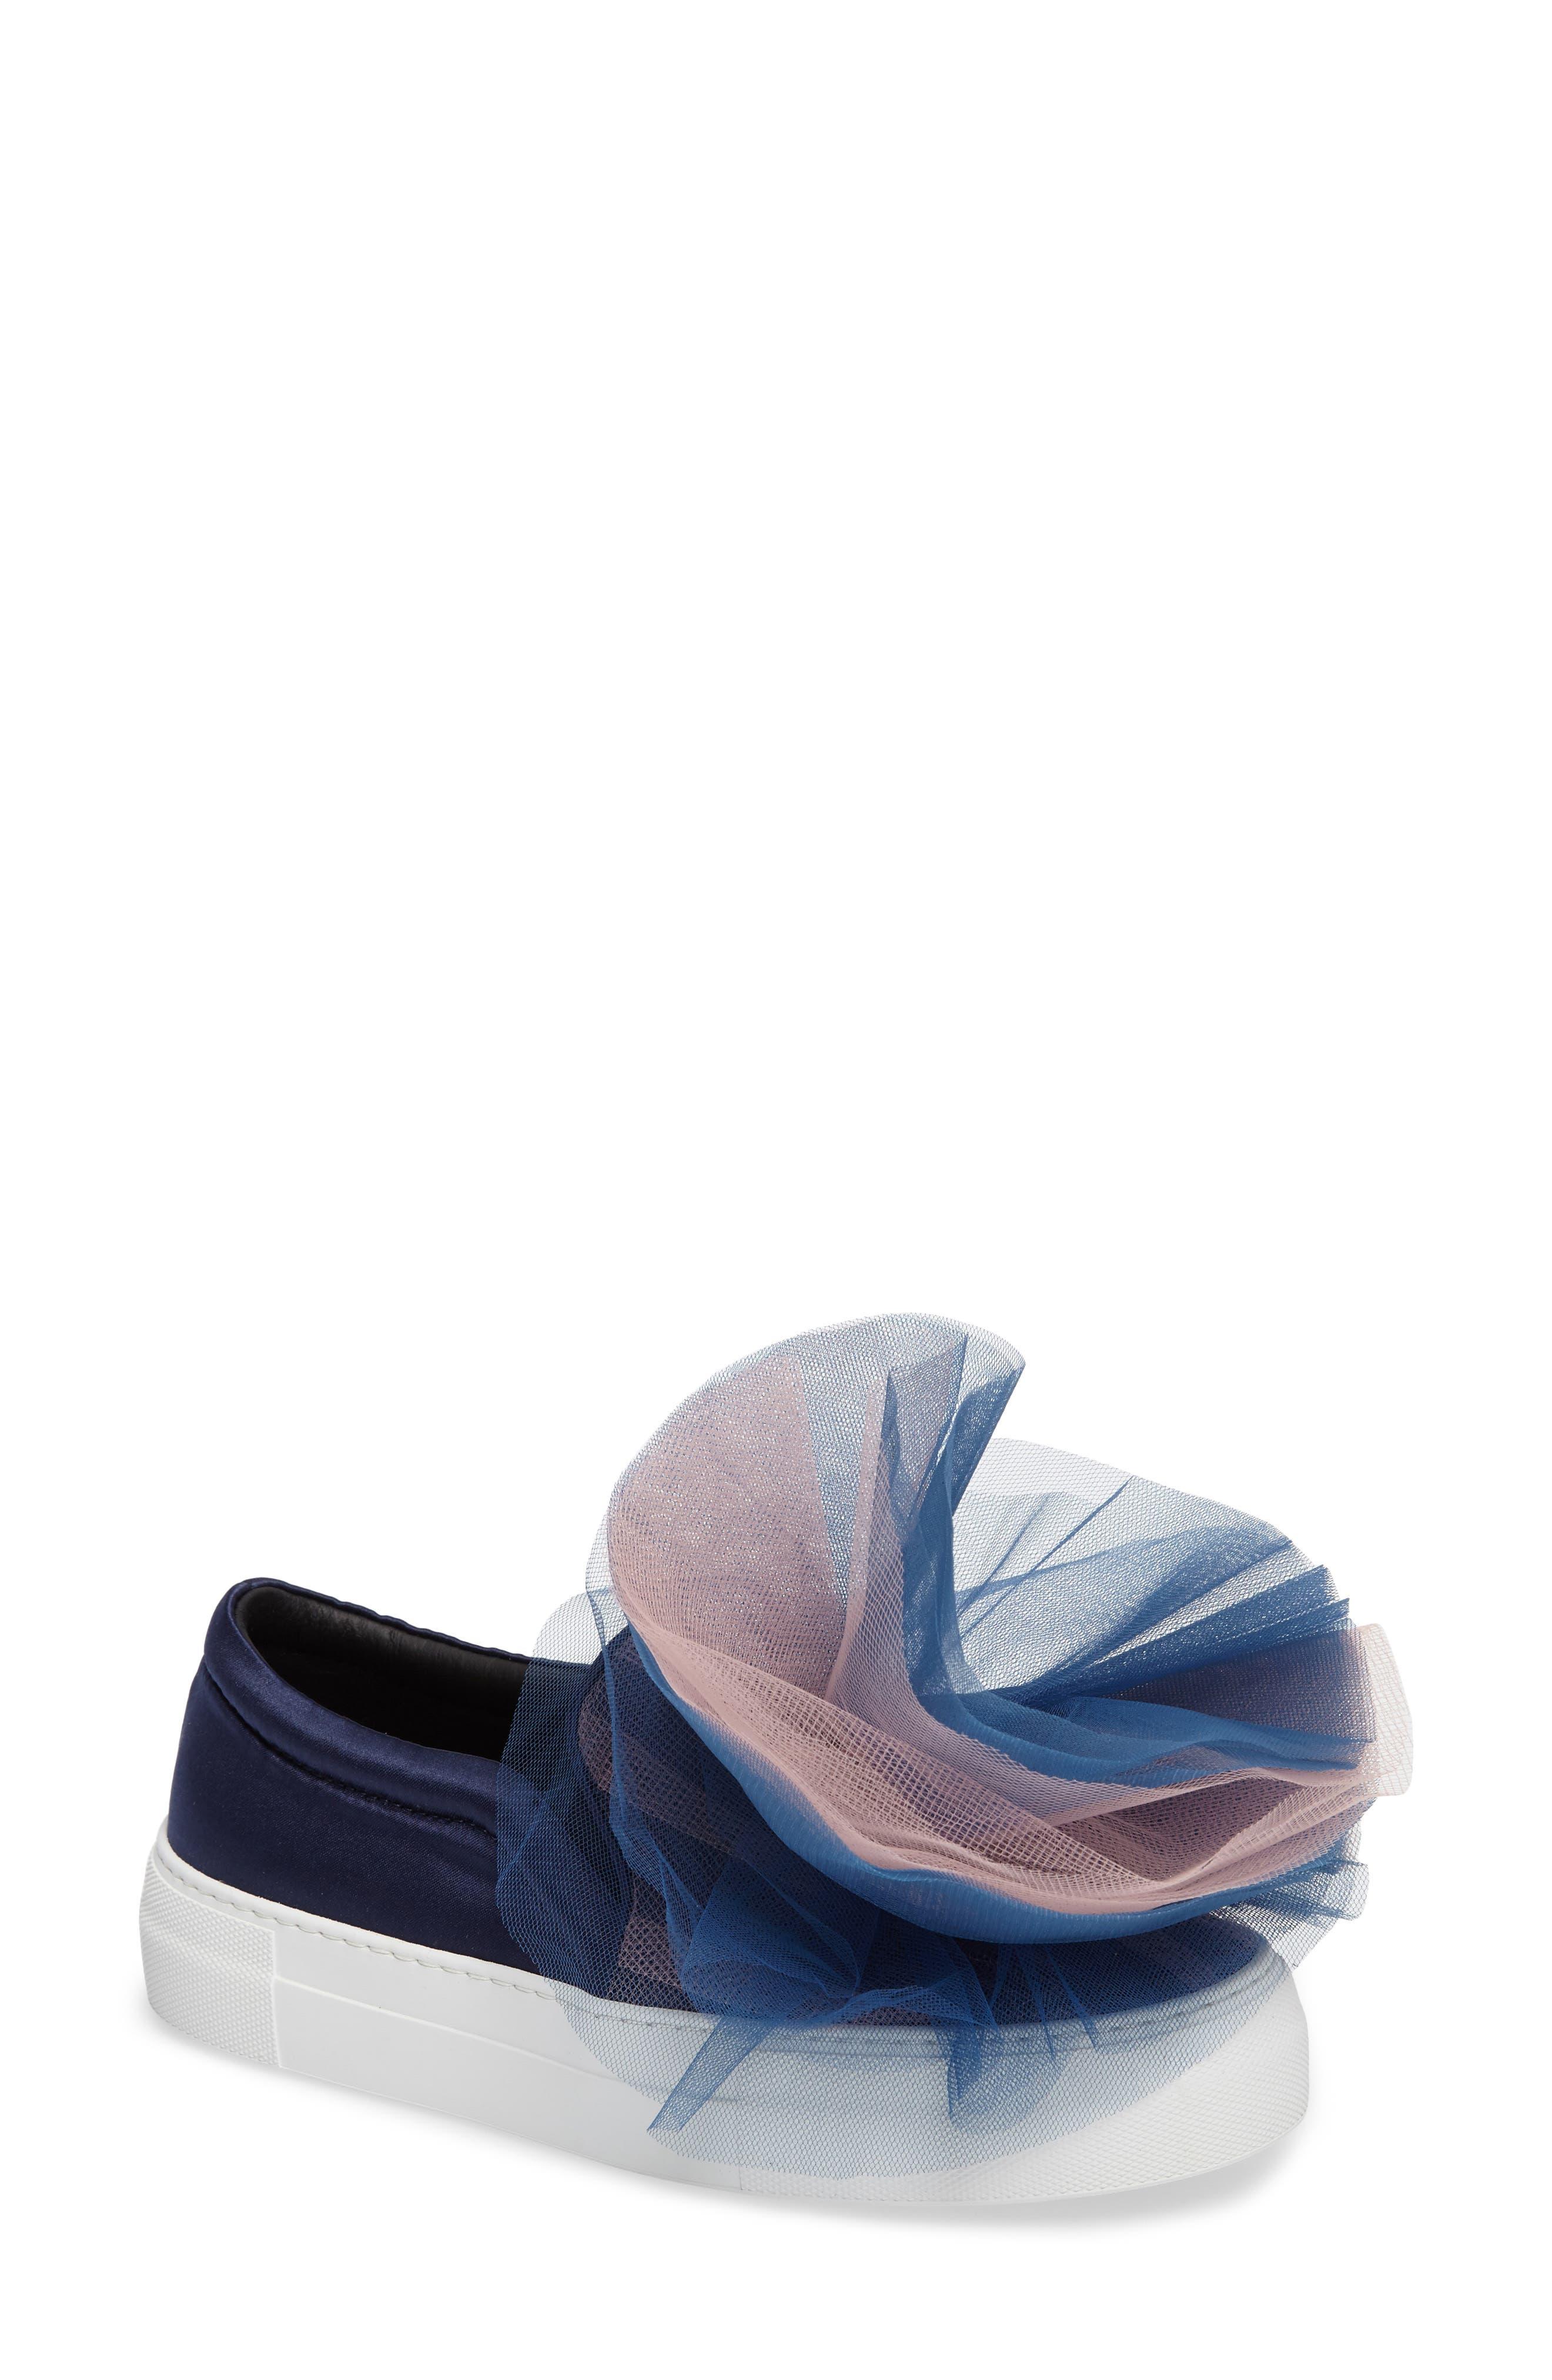 Tulle Slip-On Sneaker,                             Main thumbnail 1, color,